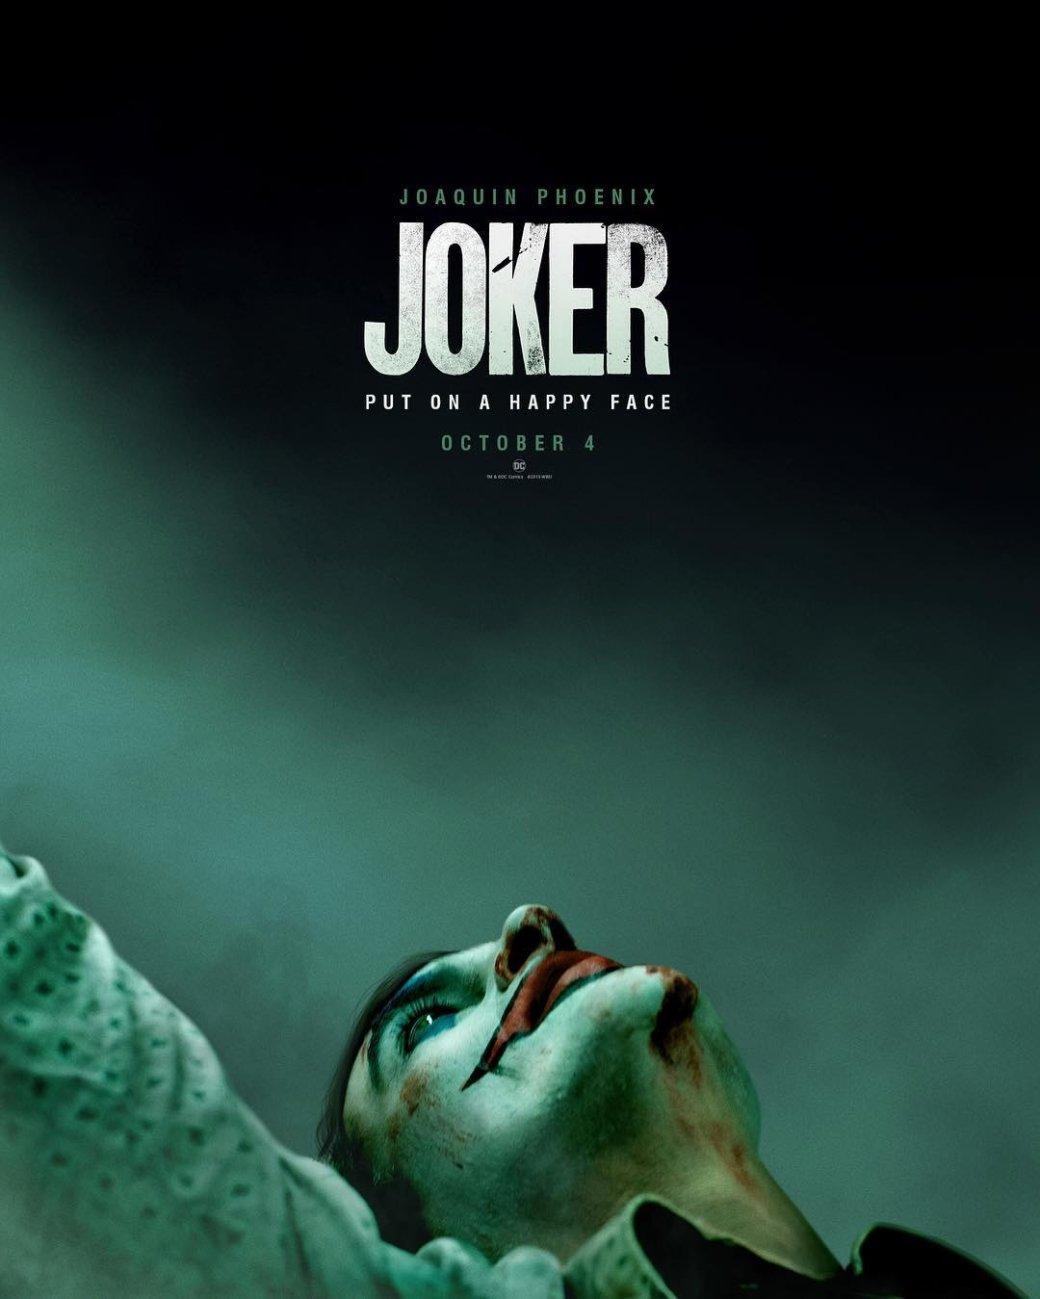 Каким будет «Джокер» сХоакином Фениксом? Разбираем сюжет фильма. Все не так, как в комиксах! | Канобу - Изображение 0